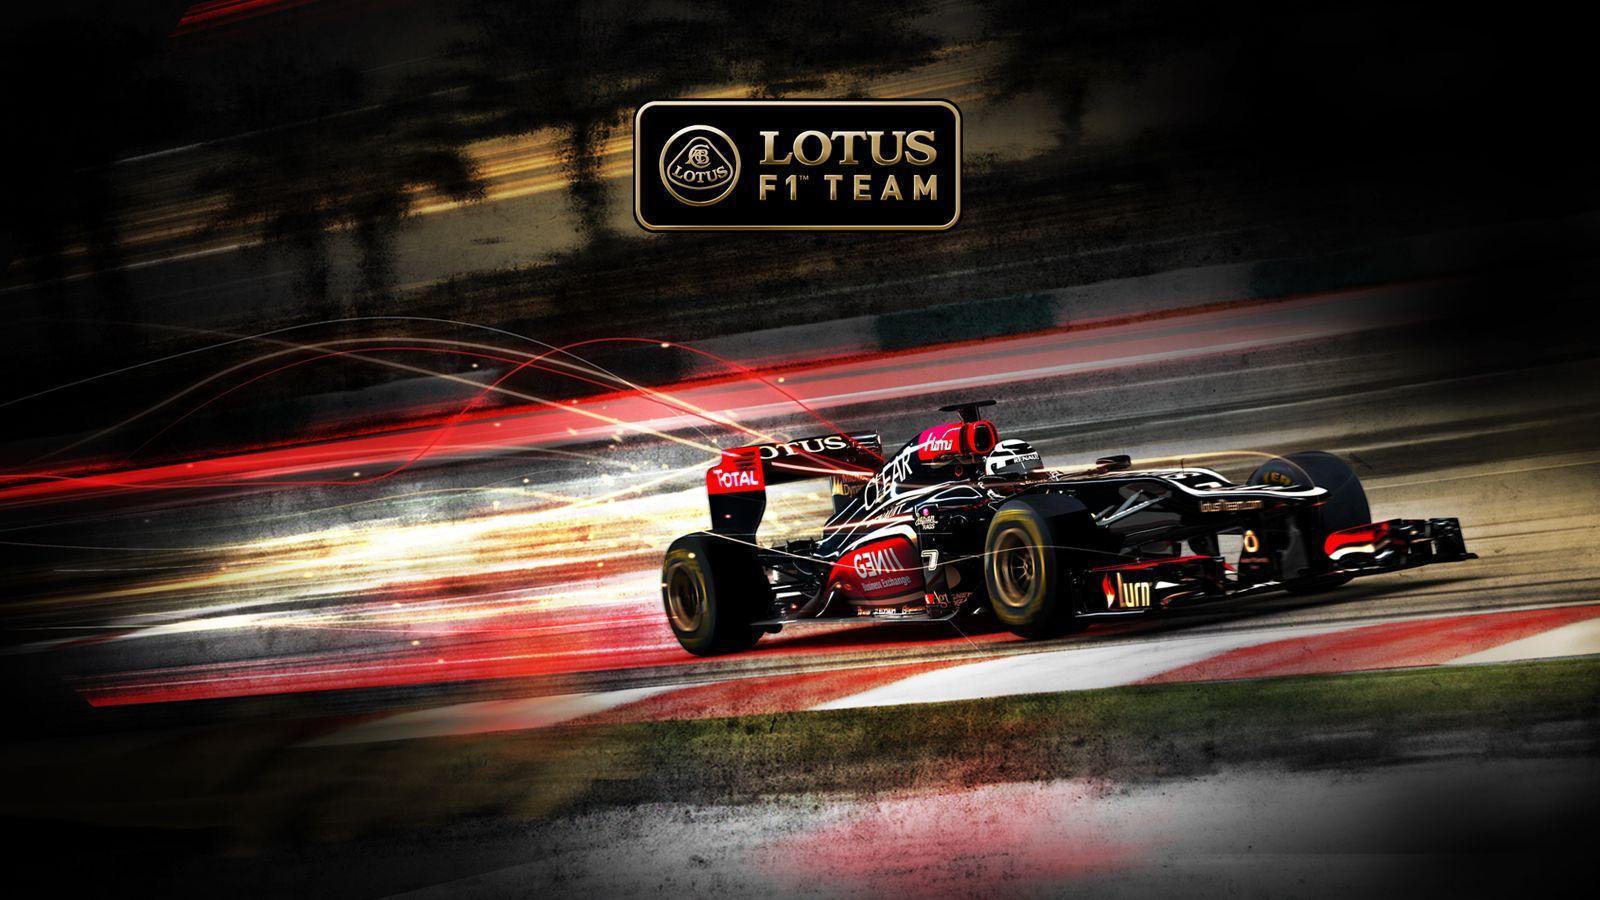 Team Lotus F1 Teams Background 4